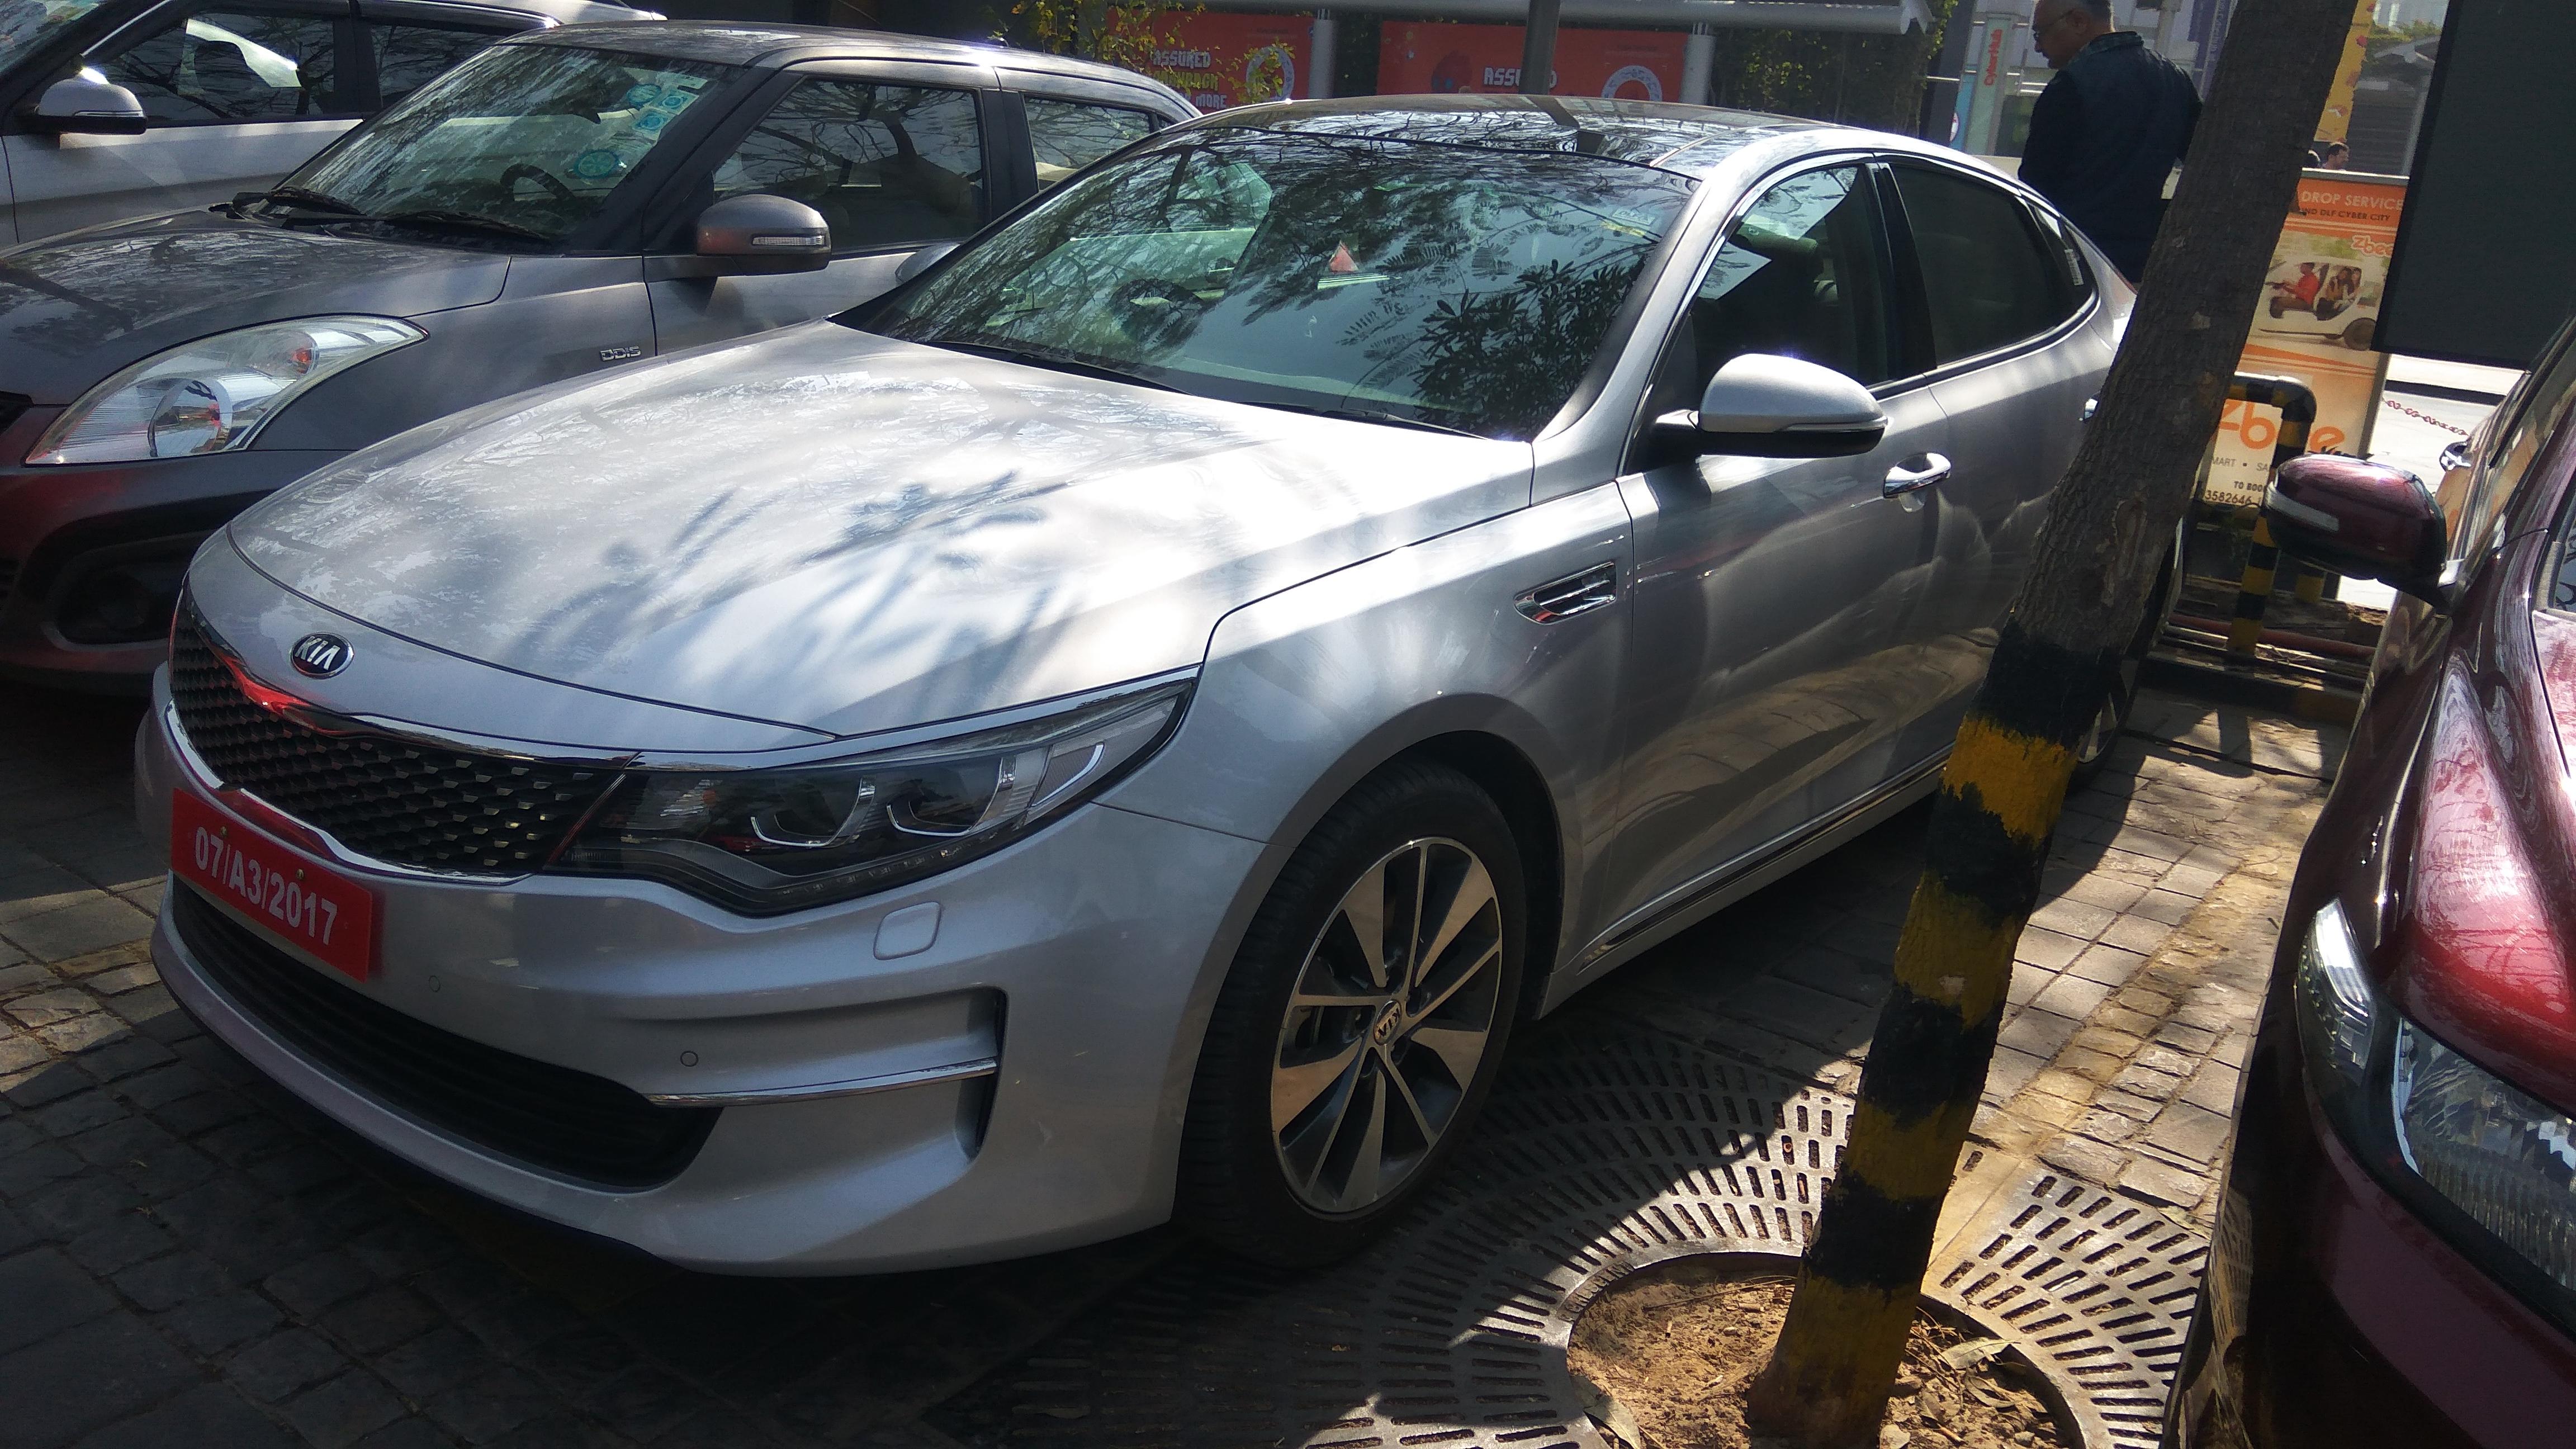 Kia Optima Spotted In India Indian Cars Autocar India Forum